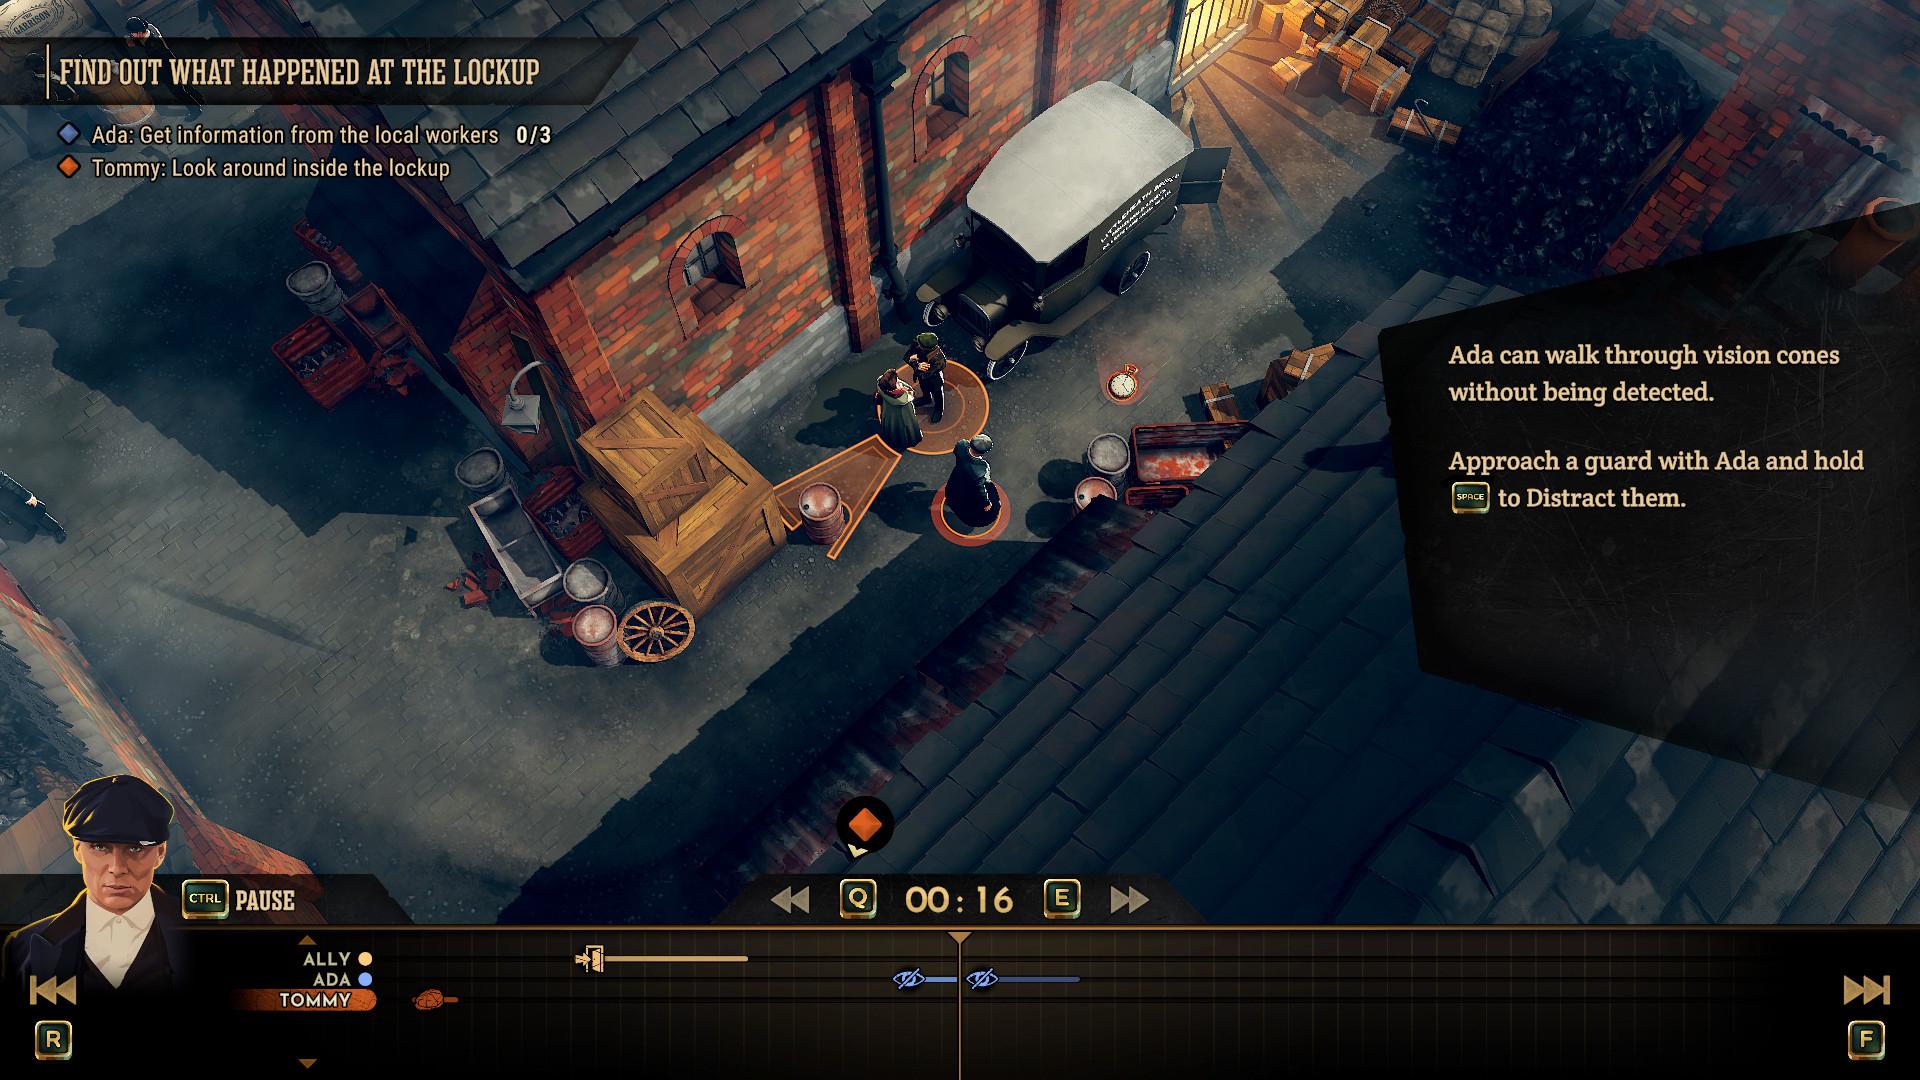 Видео: прохождение первой миссии в Peaky Blinders: Mastermind — приключенческой игре по «Острым козырькам»